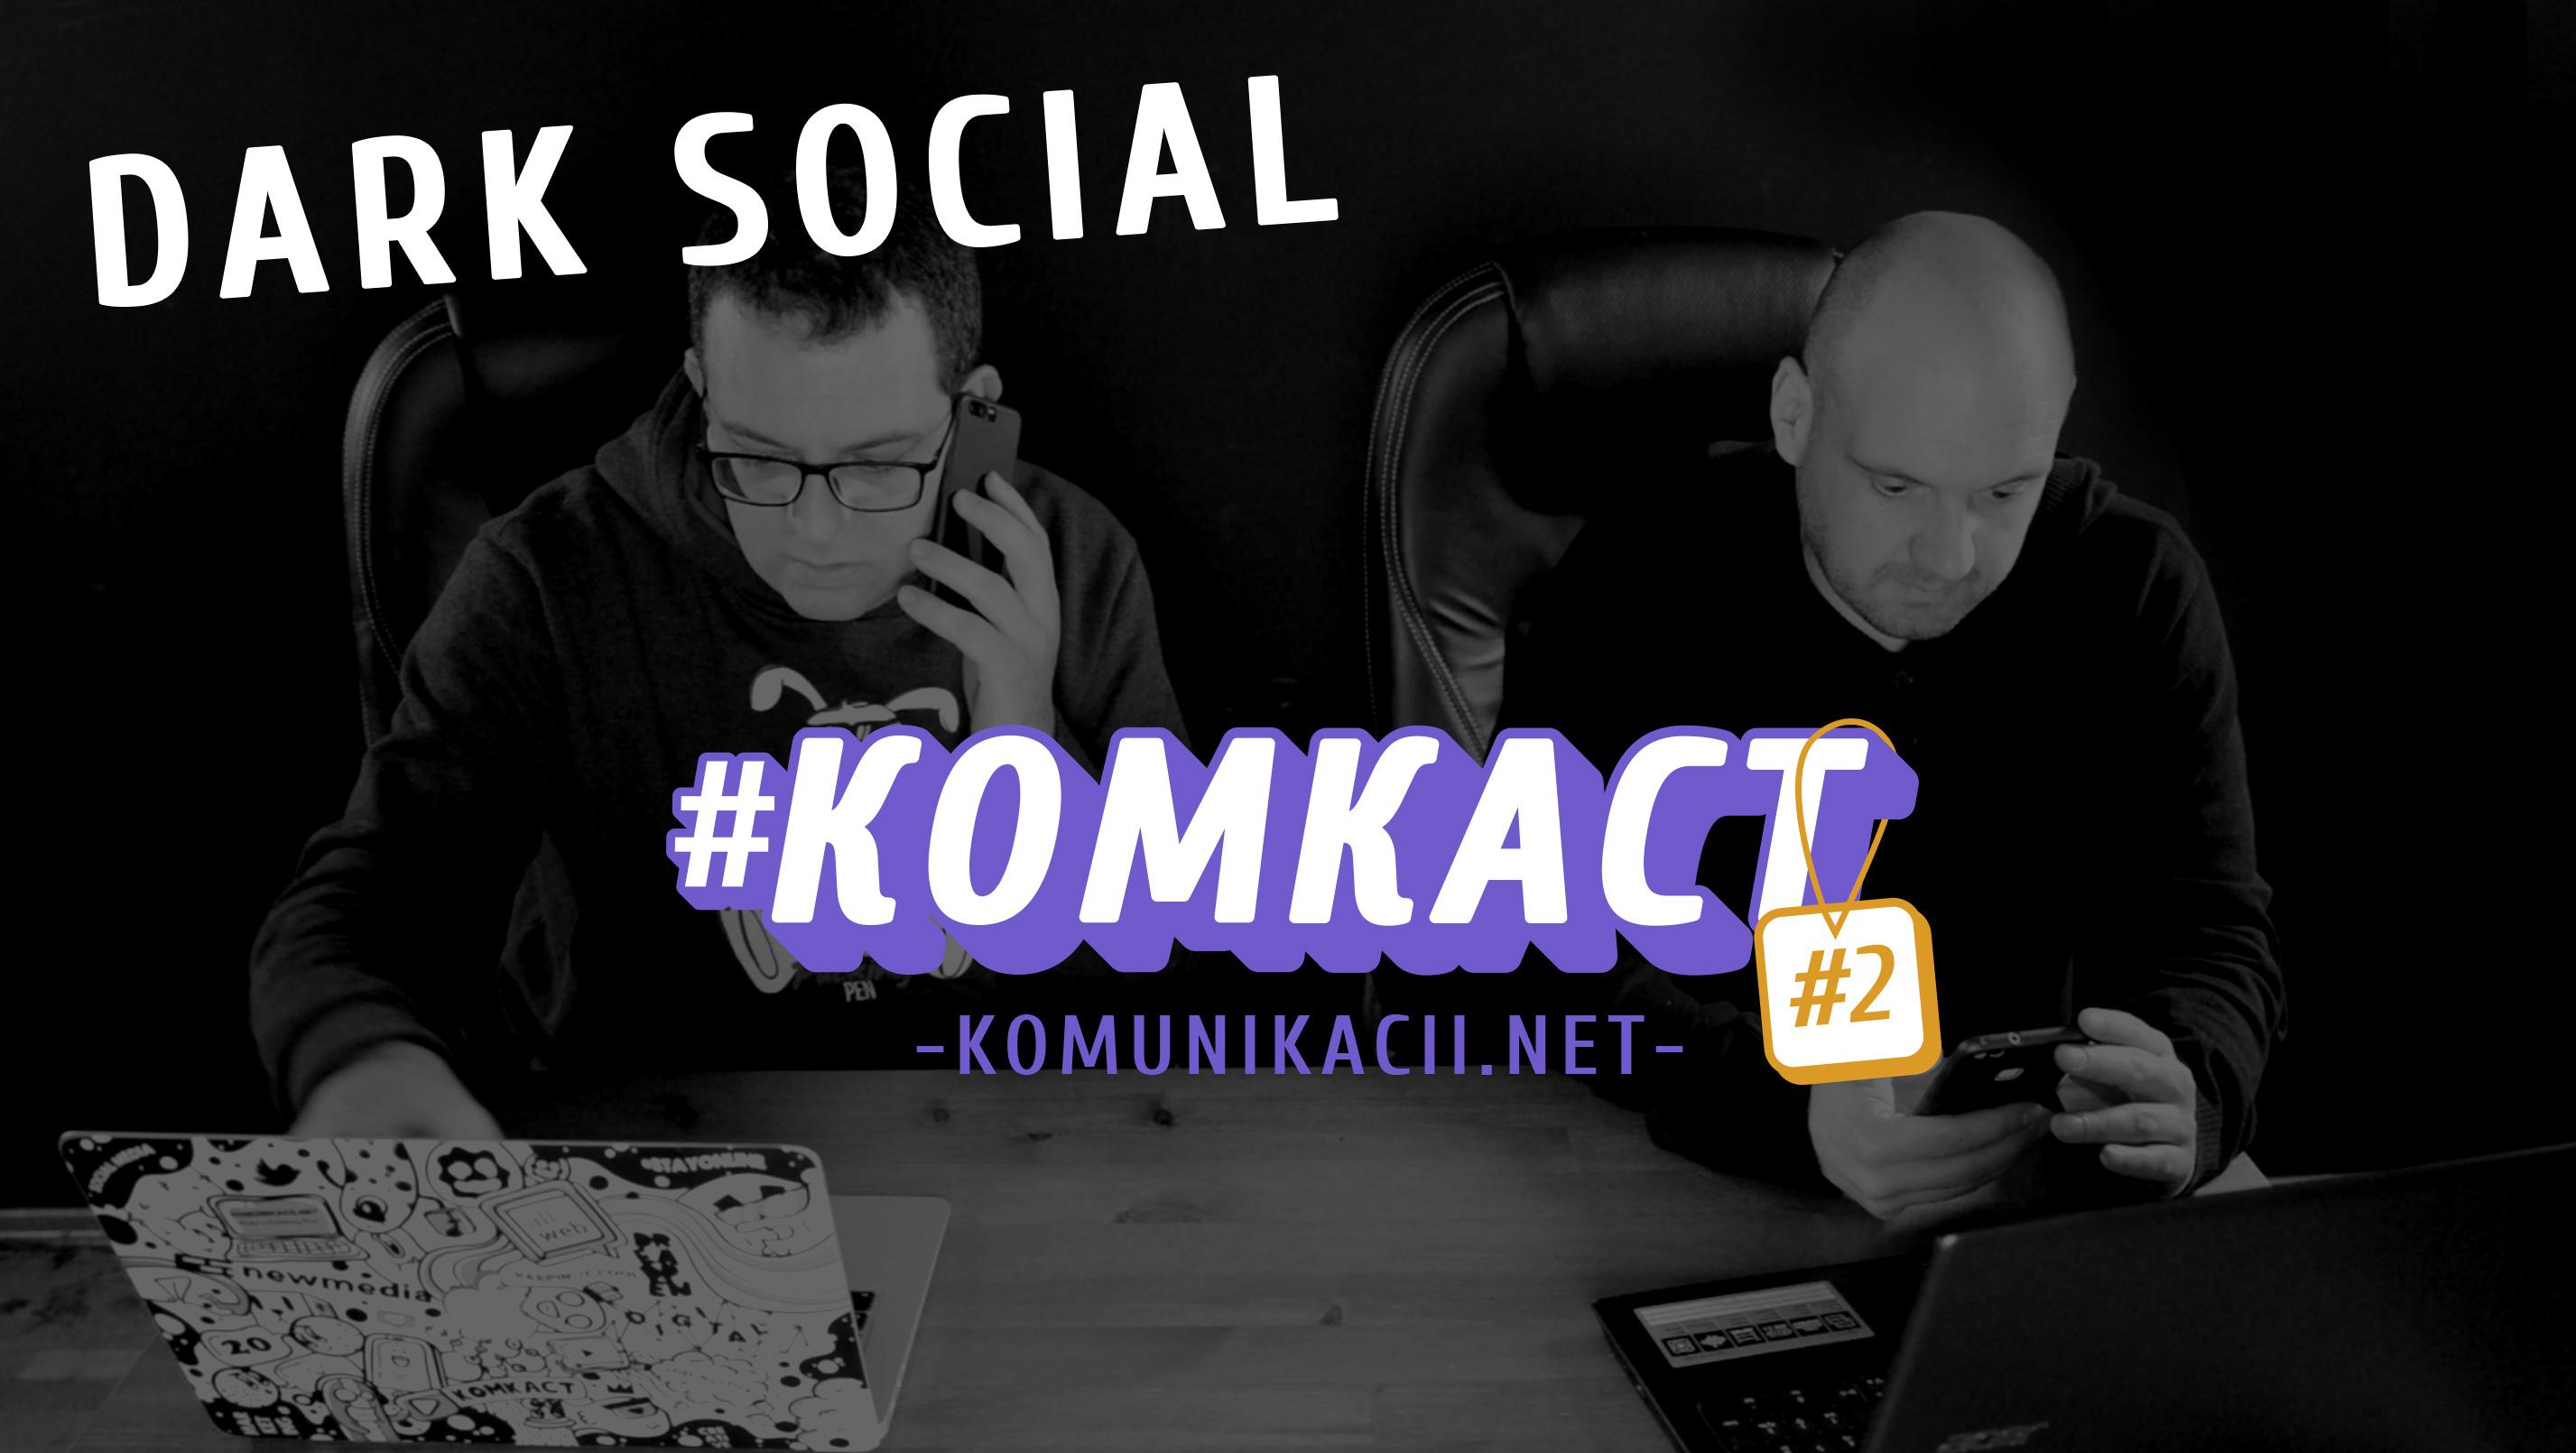 #комкаст 73 – Dark Social